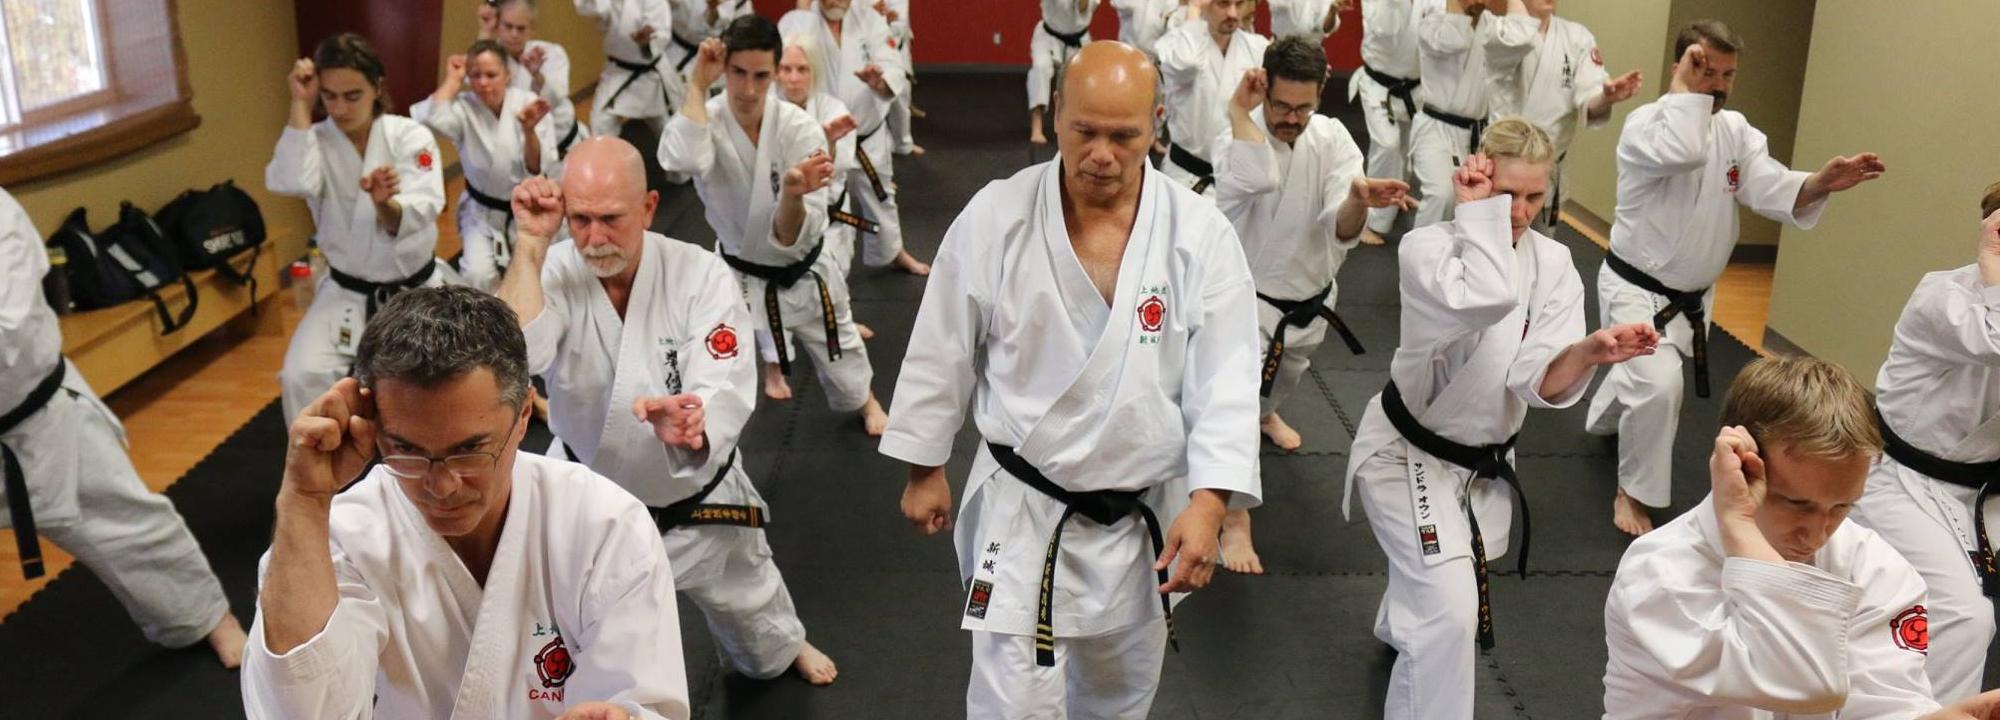 uechiryu karatedo kenyukai